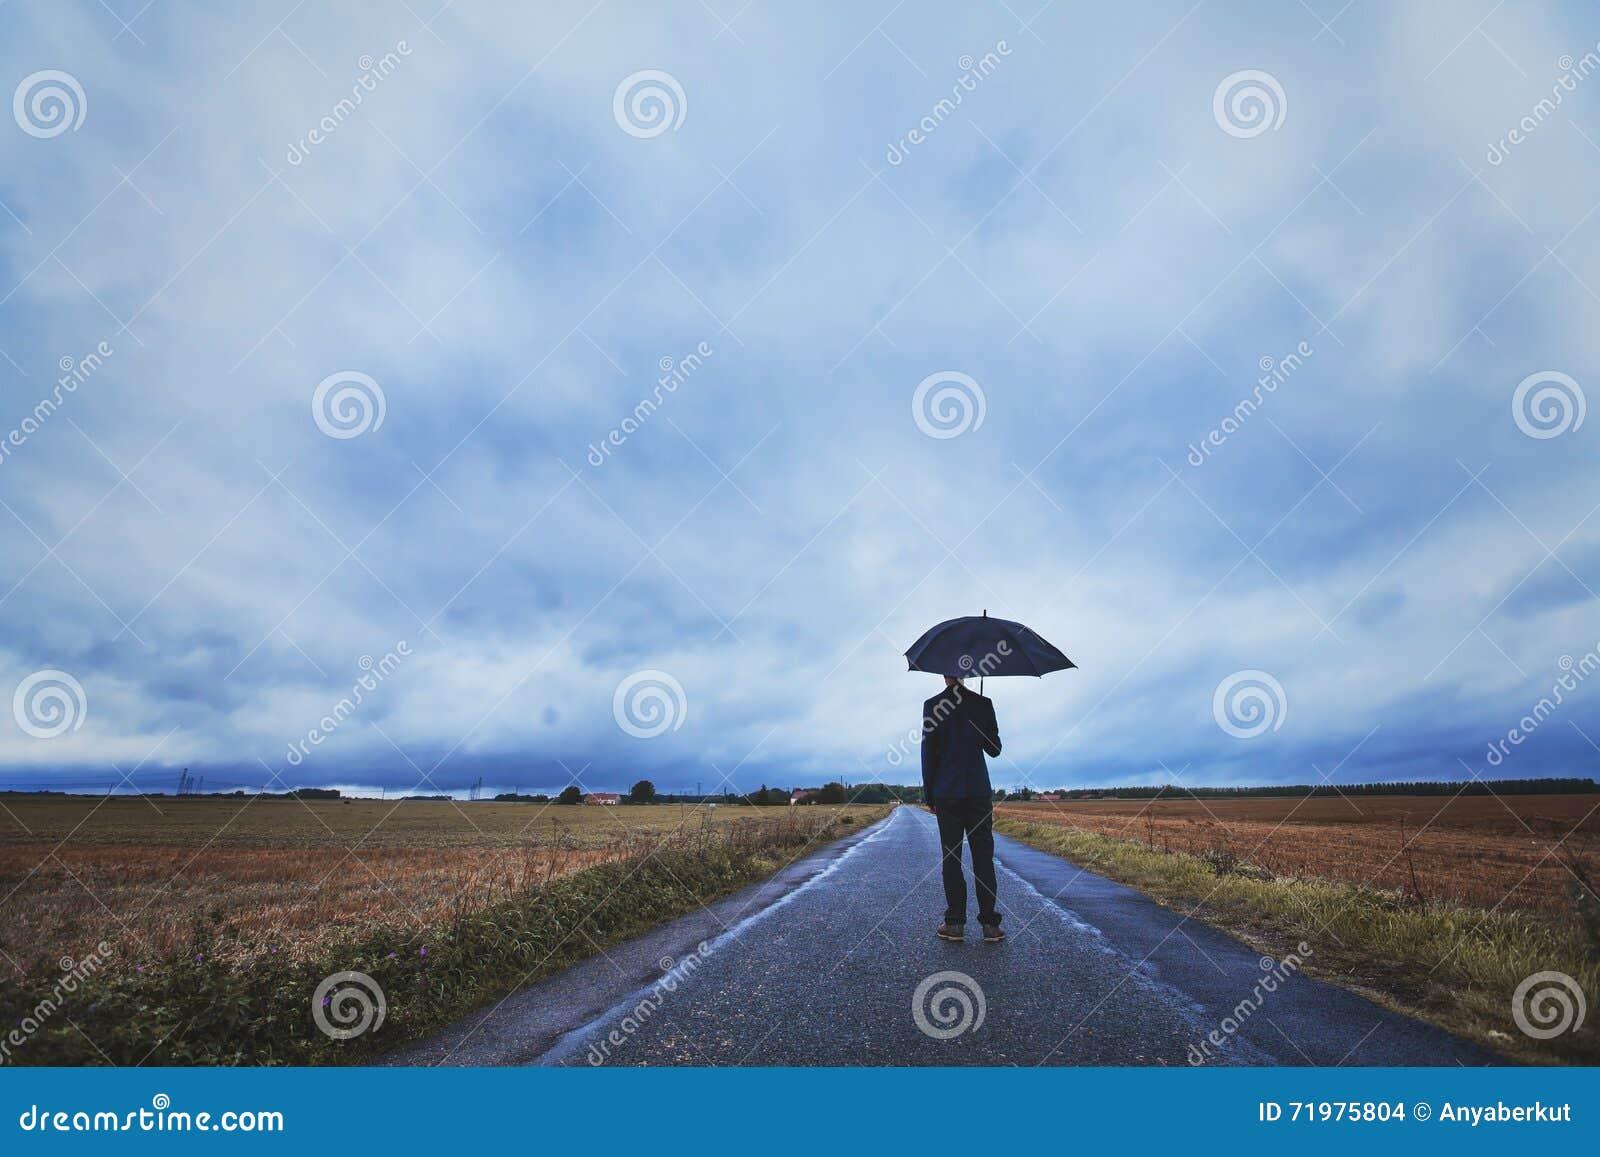 Vrees en eenzaamheid, psychologieconcept